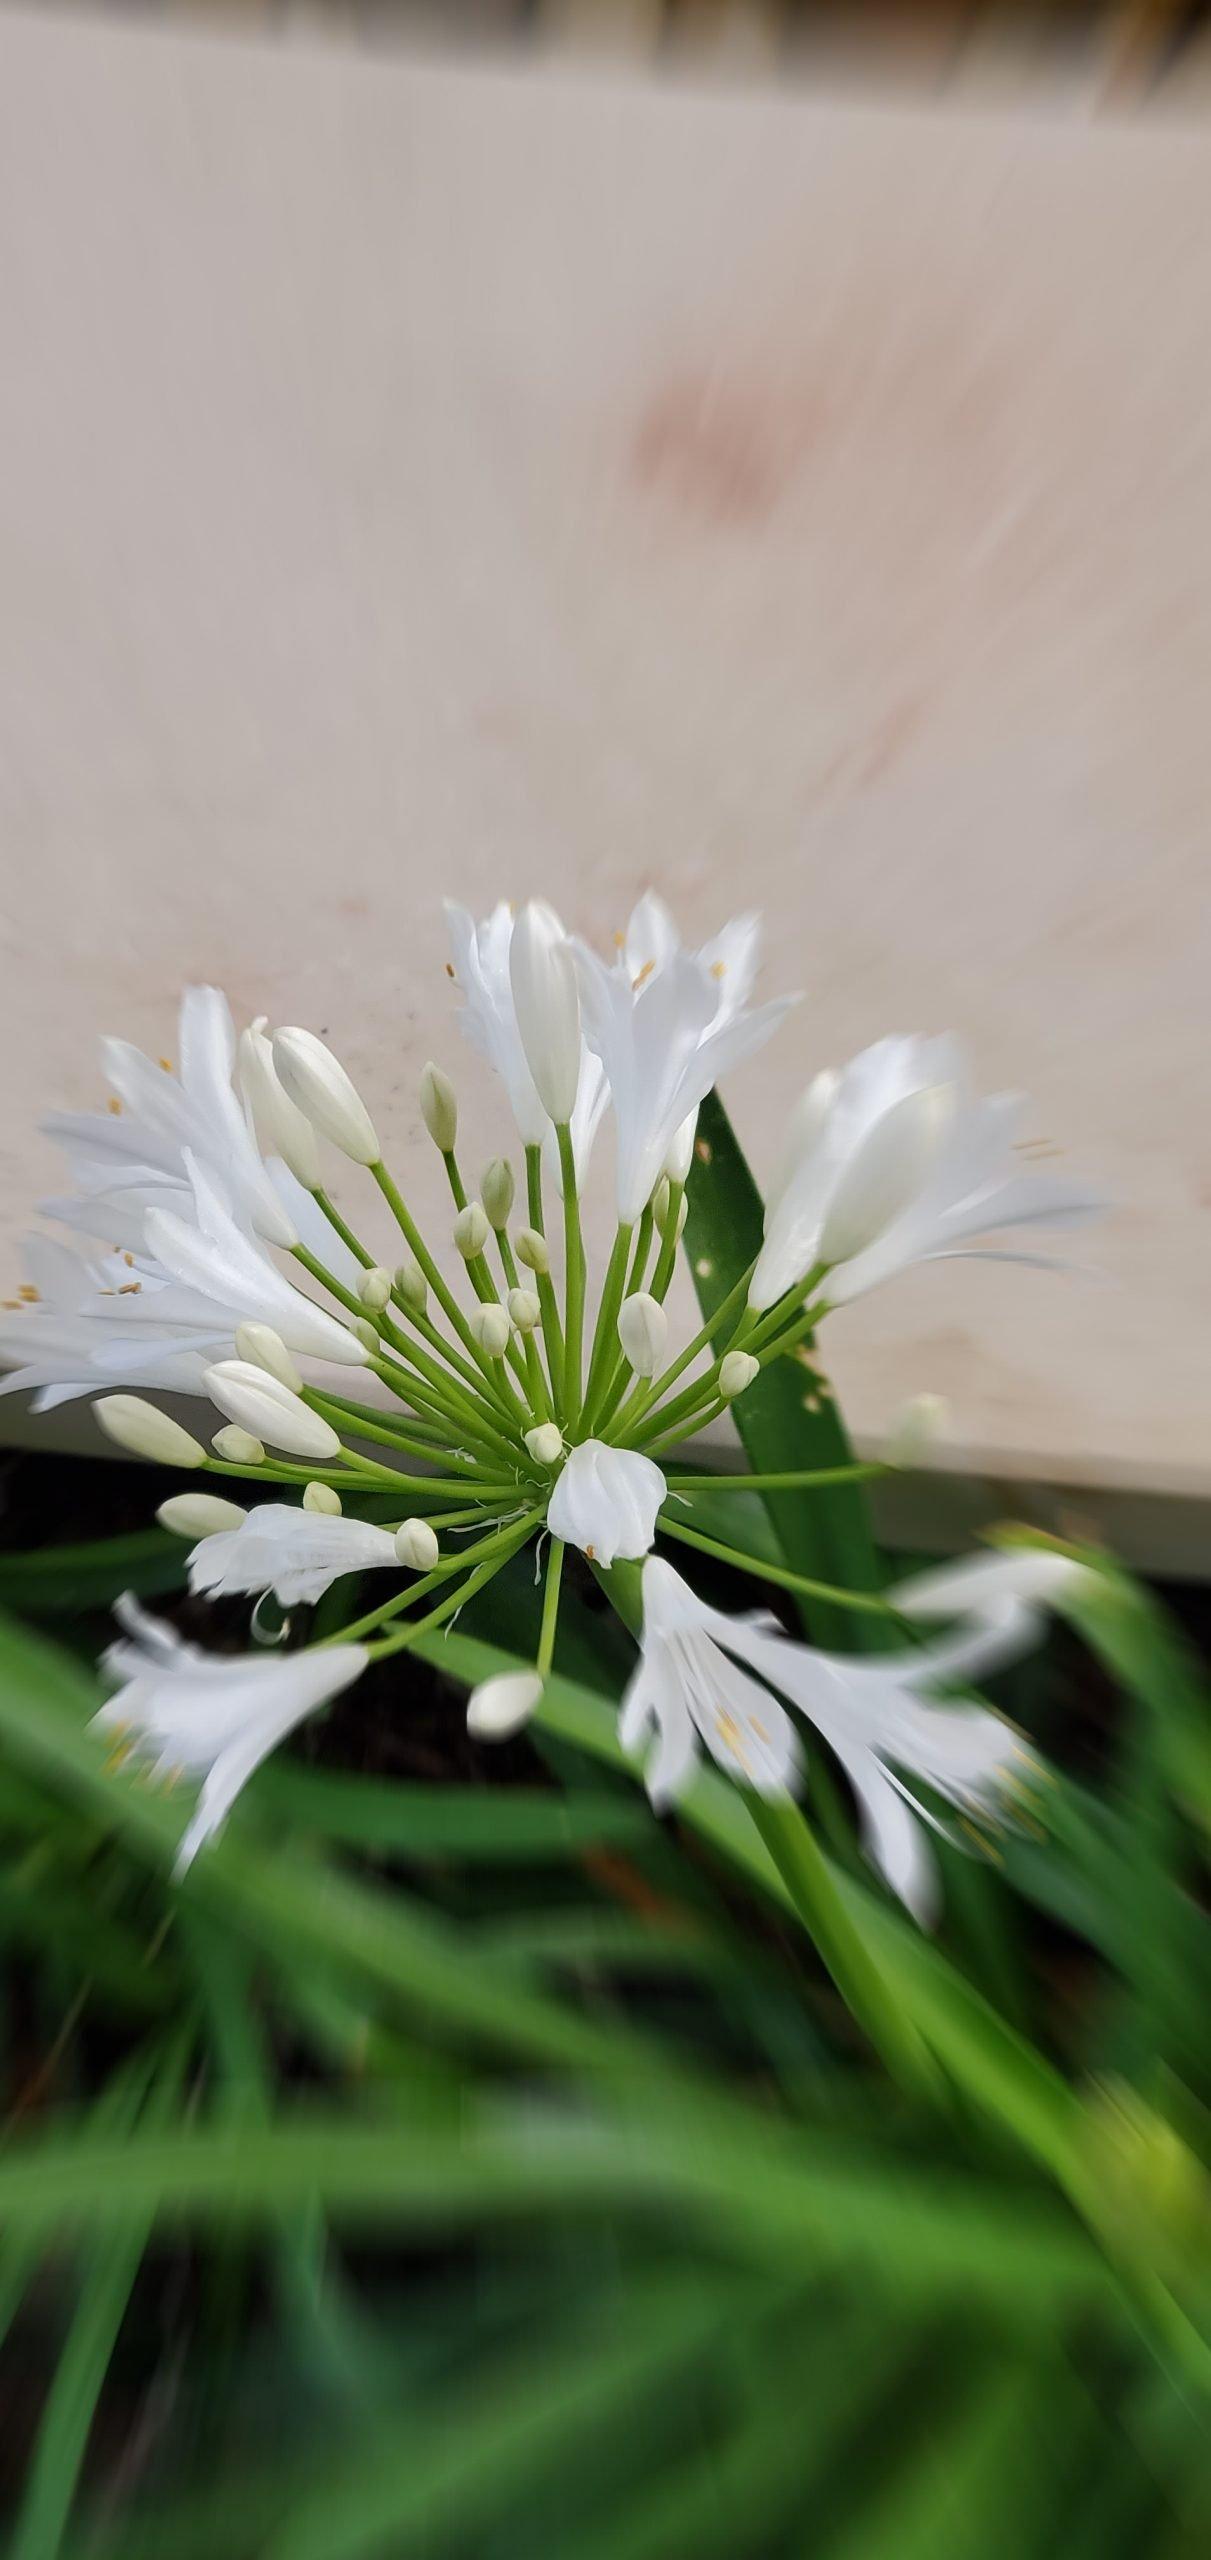 Flowers8 at Simola